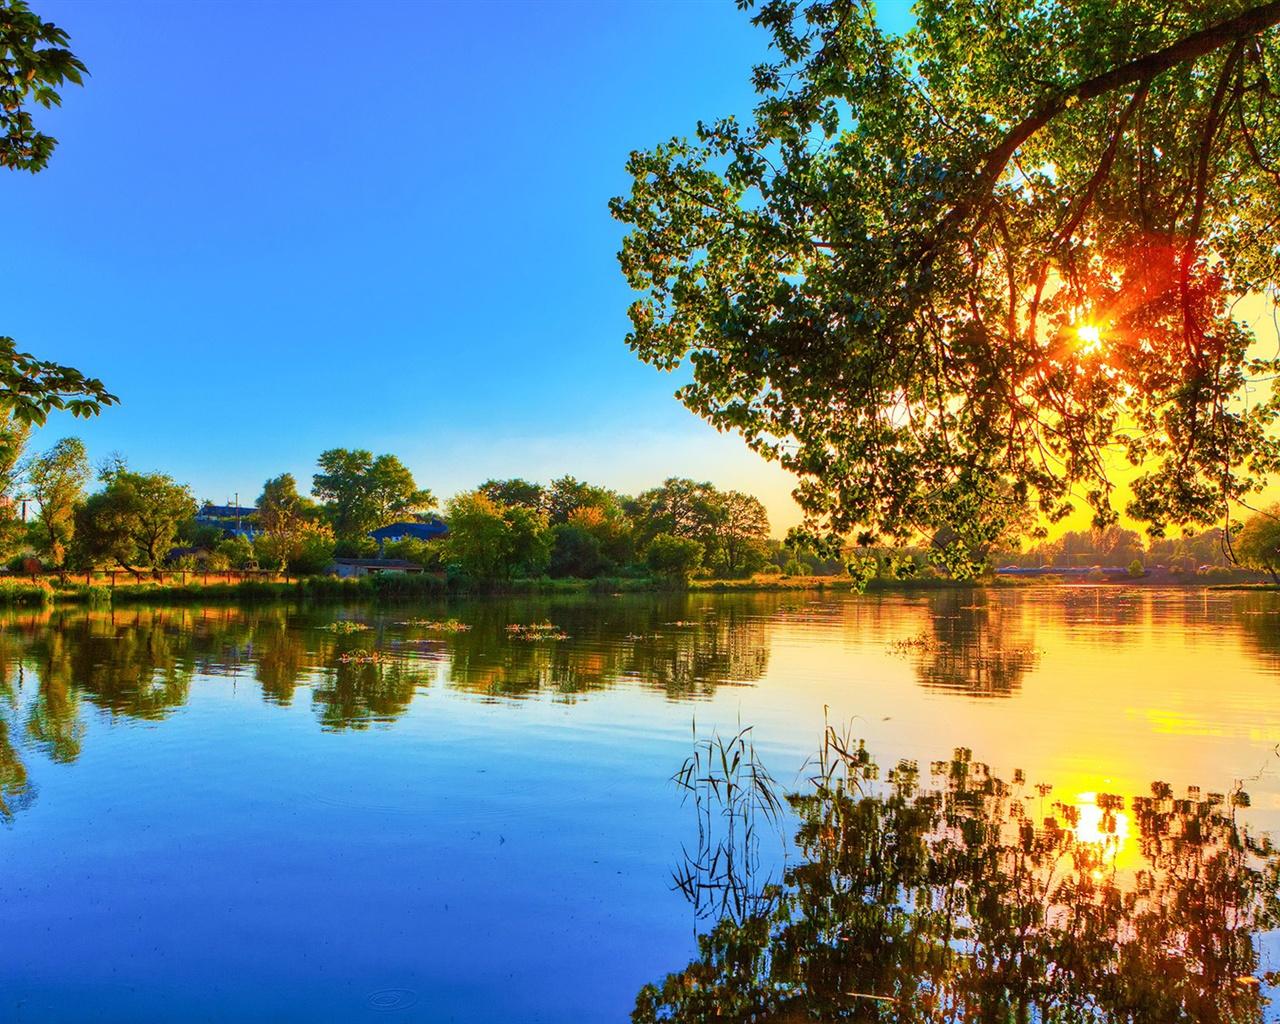 1280x1024 spring wallpaper: Download Wallpaper 1280x1024 Spring Sunset, Lake Water